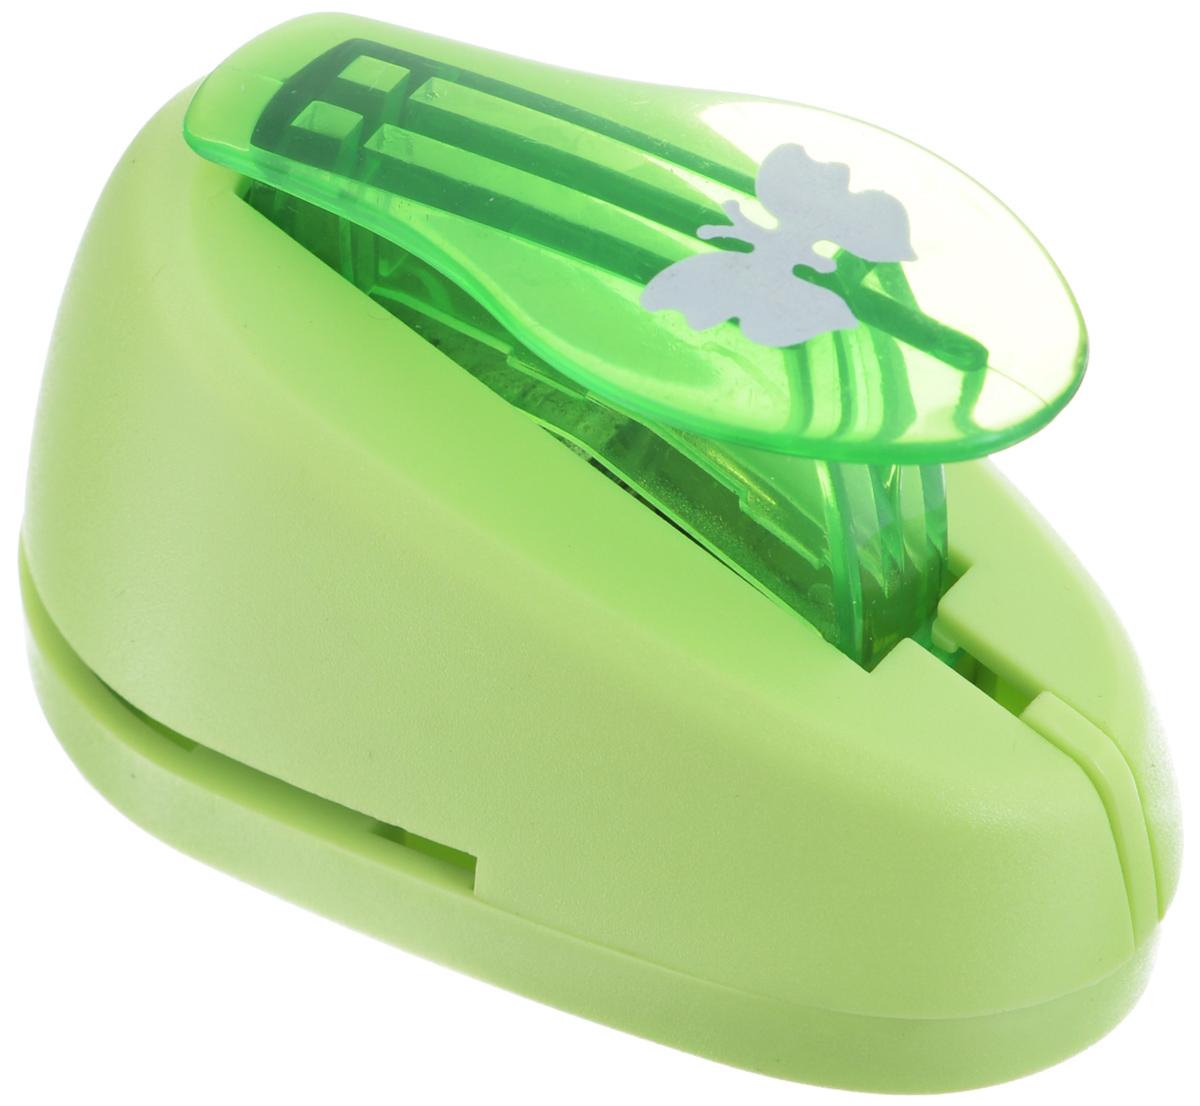 Дырокол фигурный Hobbyboom Бабочка, №327, цвет: зеленый, 1,8 см х 1,3 смFS-36054Фигурный дырокол Hobbyboom Бабочка предназначен для создания творческих работ в технике скрапбукинг. С его помощью можно оригинально оформить открытки, украсить подарочные коробки, конверты, фотоальбомы. Дырокол вырезает из бумаги идеально ровные фигурки в виде бабочек, также используется для прорезания фигурных отверстий в бумаге. Предназначен для бумаги определенной плотности - до 200 г/м2. При применении на бумаге большей плотности или на картоне дырокол быстро затупится. Чтобы заточить нож компостера, нужно прокомпостировать самую тонкую наждачку. Чтобы смазать режущий механизм - парафинированную бумагу. Порядок работы: вставьте лист бумаги или картона в дырокол и надавите рычаг. Размер вырезаемой части: 1,8 см х 1,3 см.